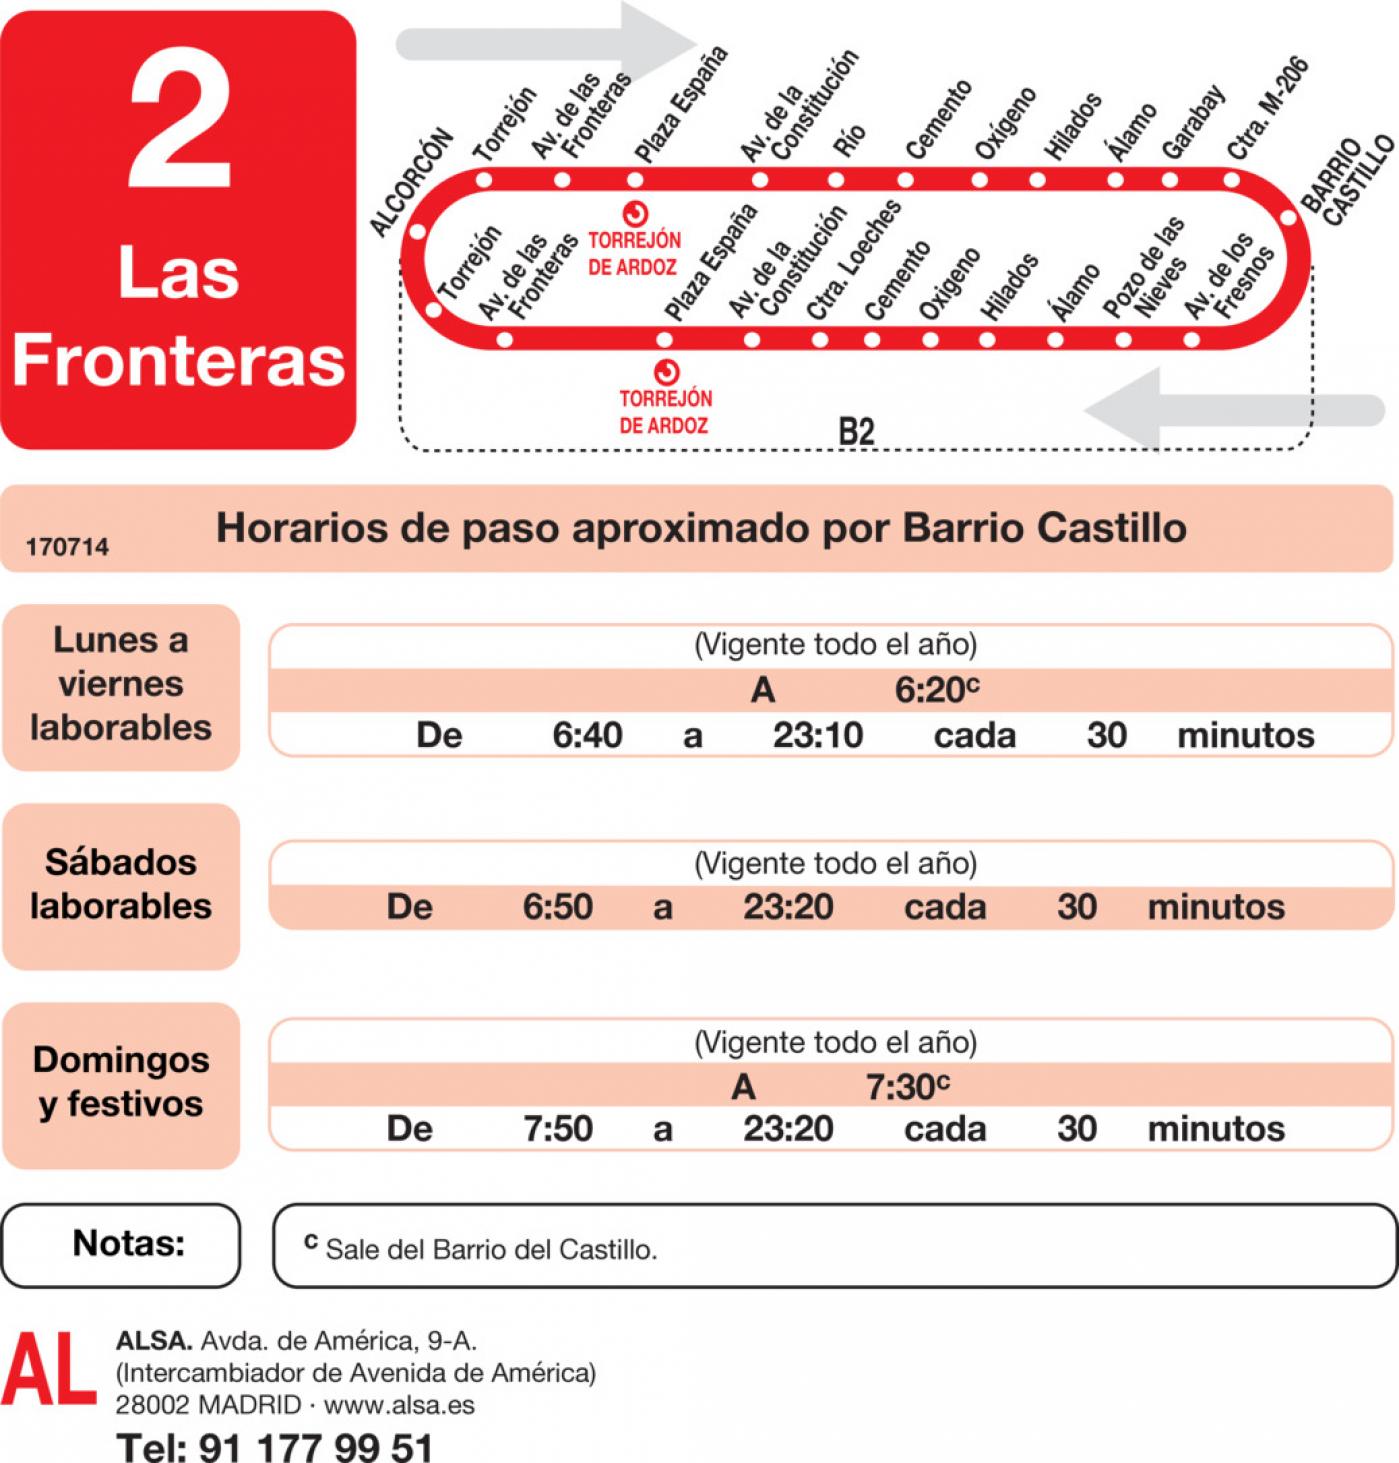 Tabla de horarios y frecuencias de paso en sentido vuelta Línea L-2 Torrejón de Ardoz: Fronteras - Barrio del Castillo - Fresno